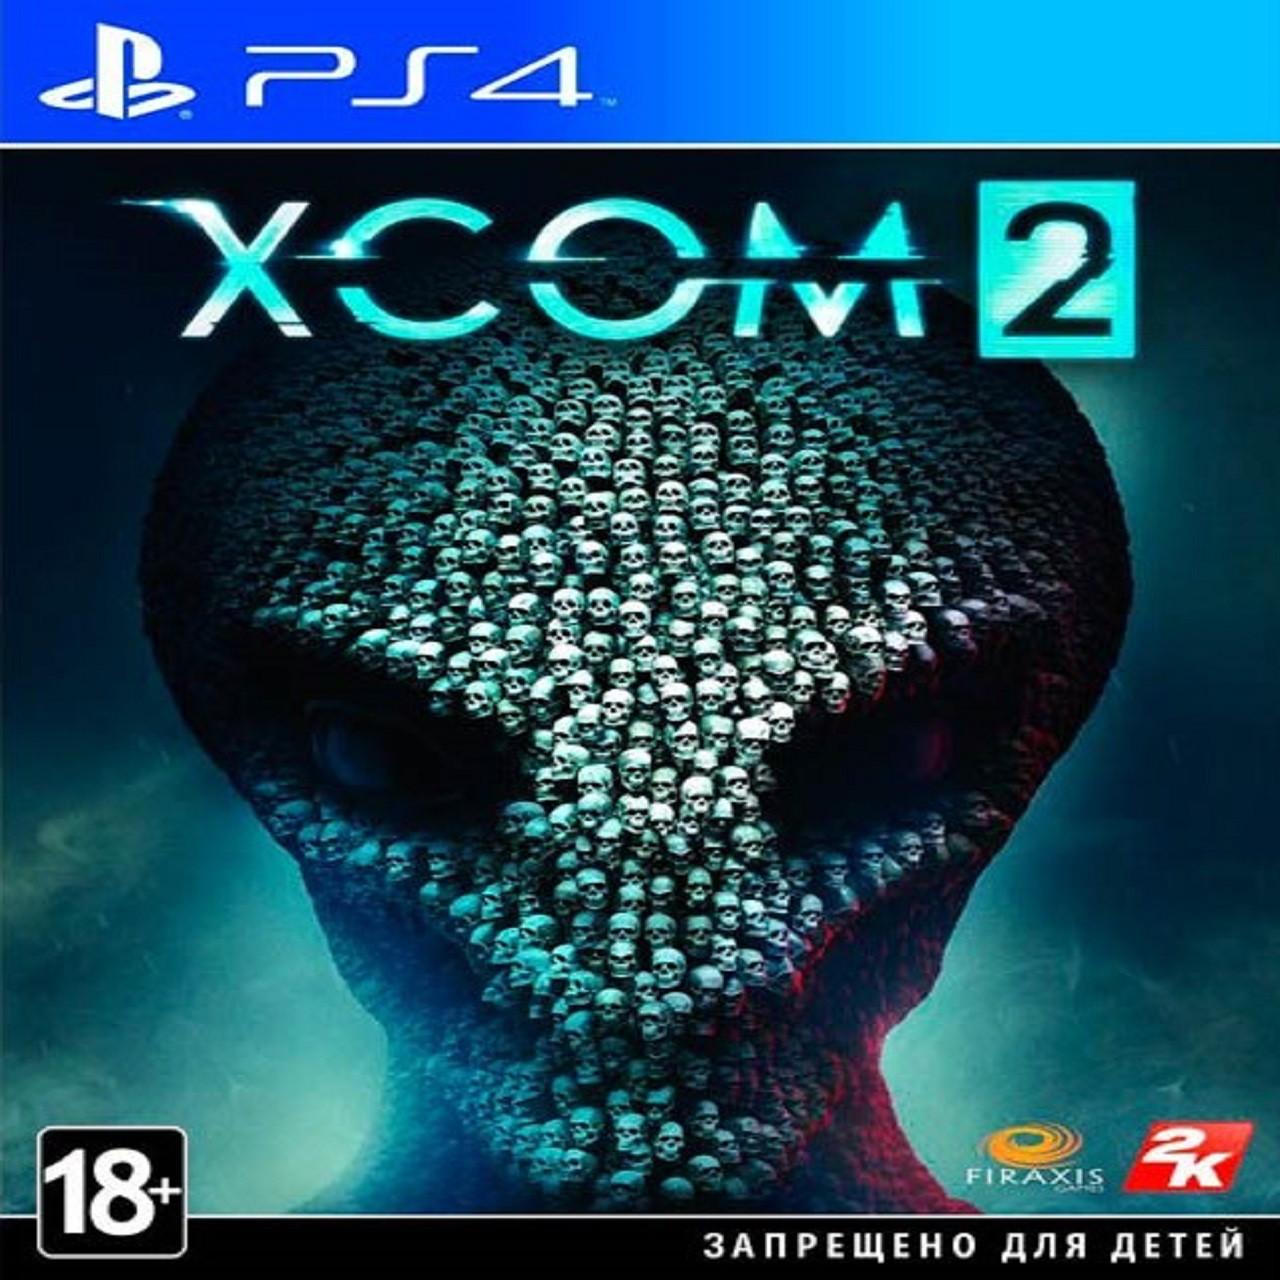 XCOM 2 SUB PS4 (NEW)